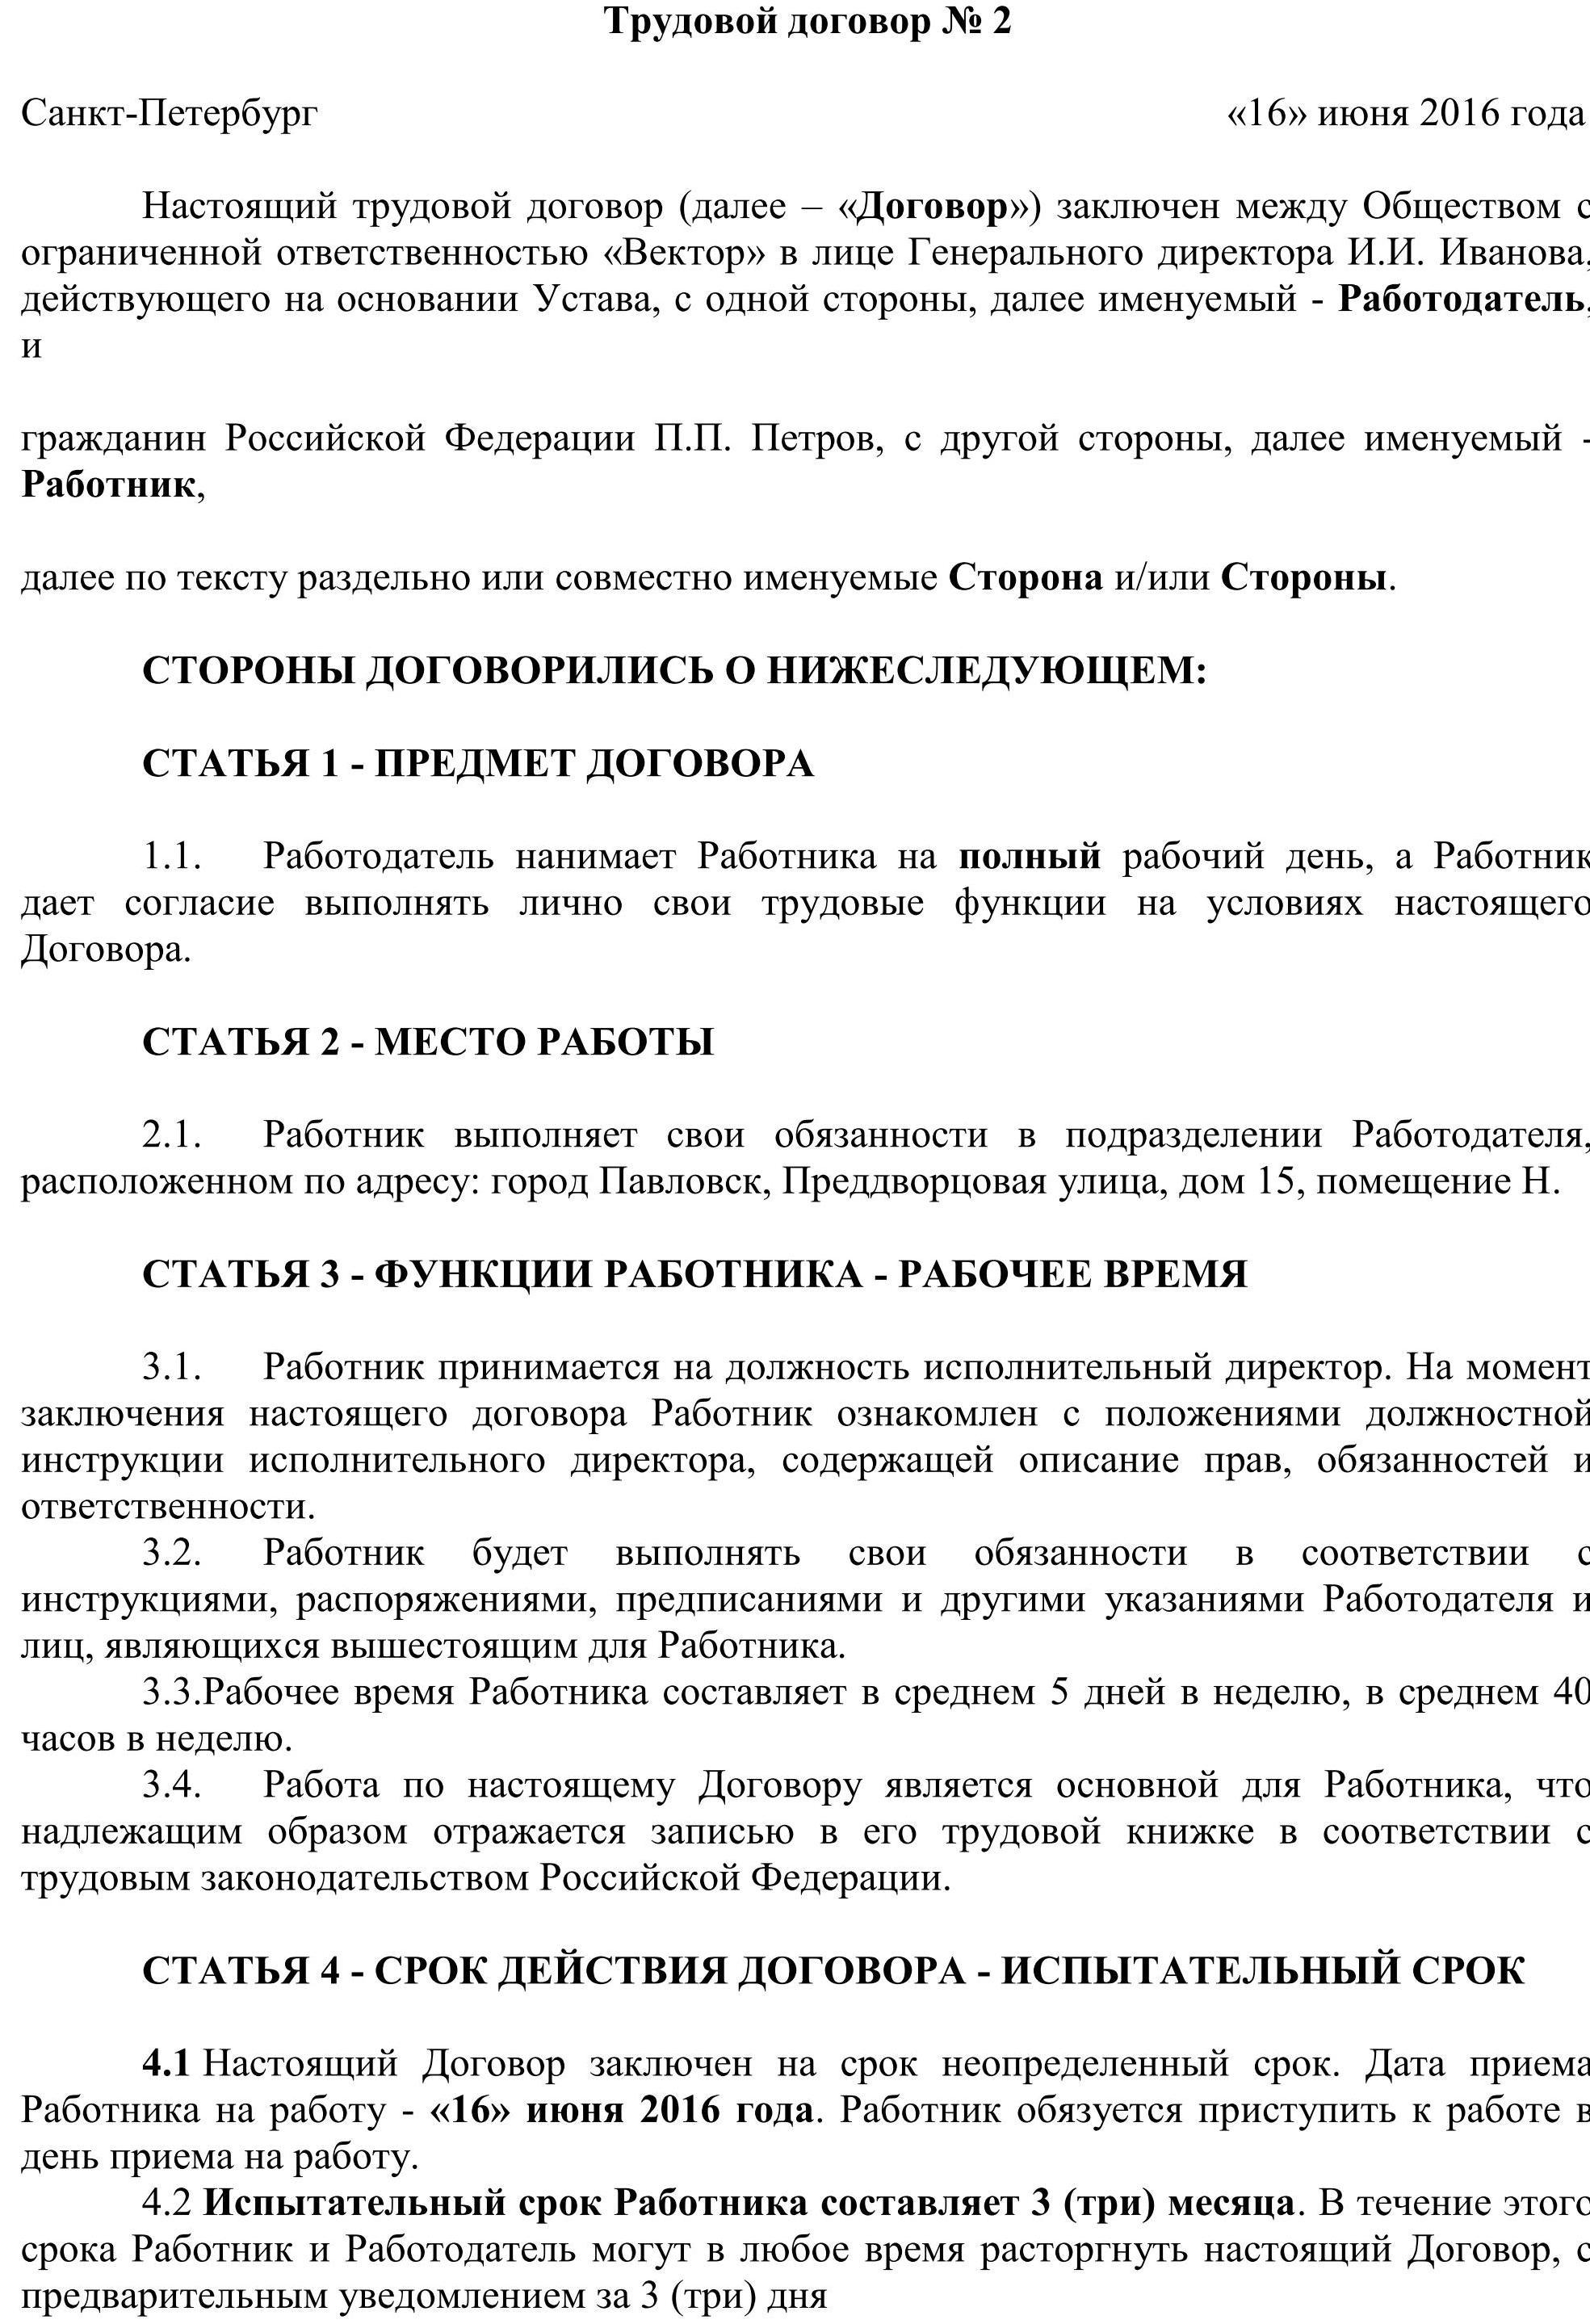 образец контракта заместителя директора по управлению персоналом